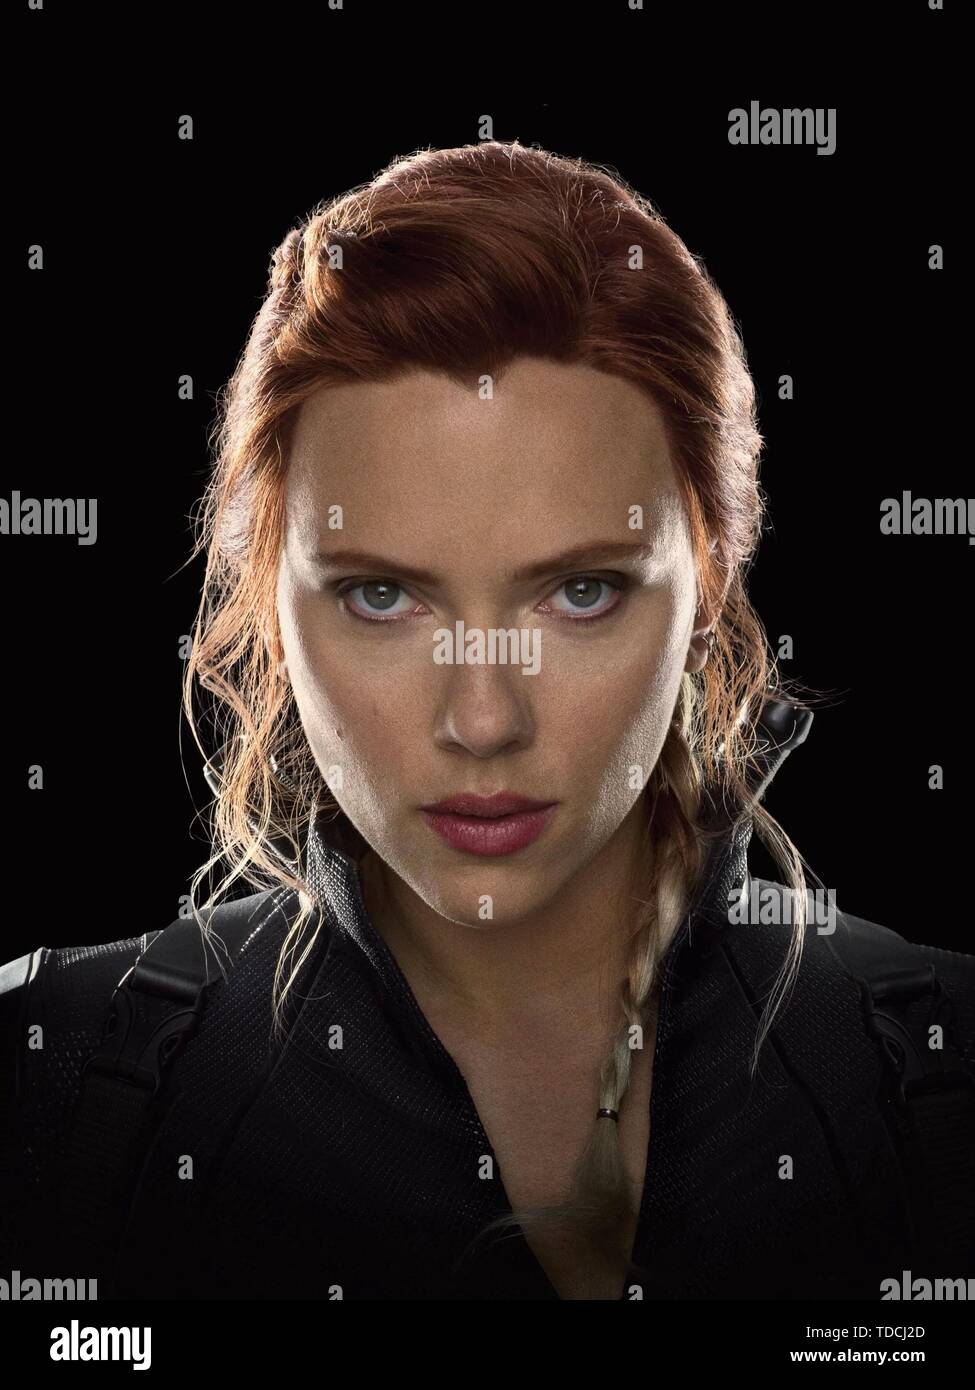 Scarlett Johansson In Avengers Endgame 2019 Credit Marvel Studios Album Stock Photo Alamy